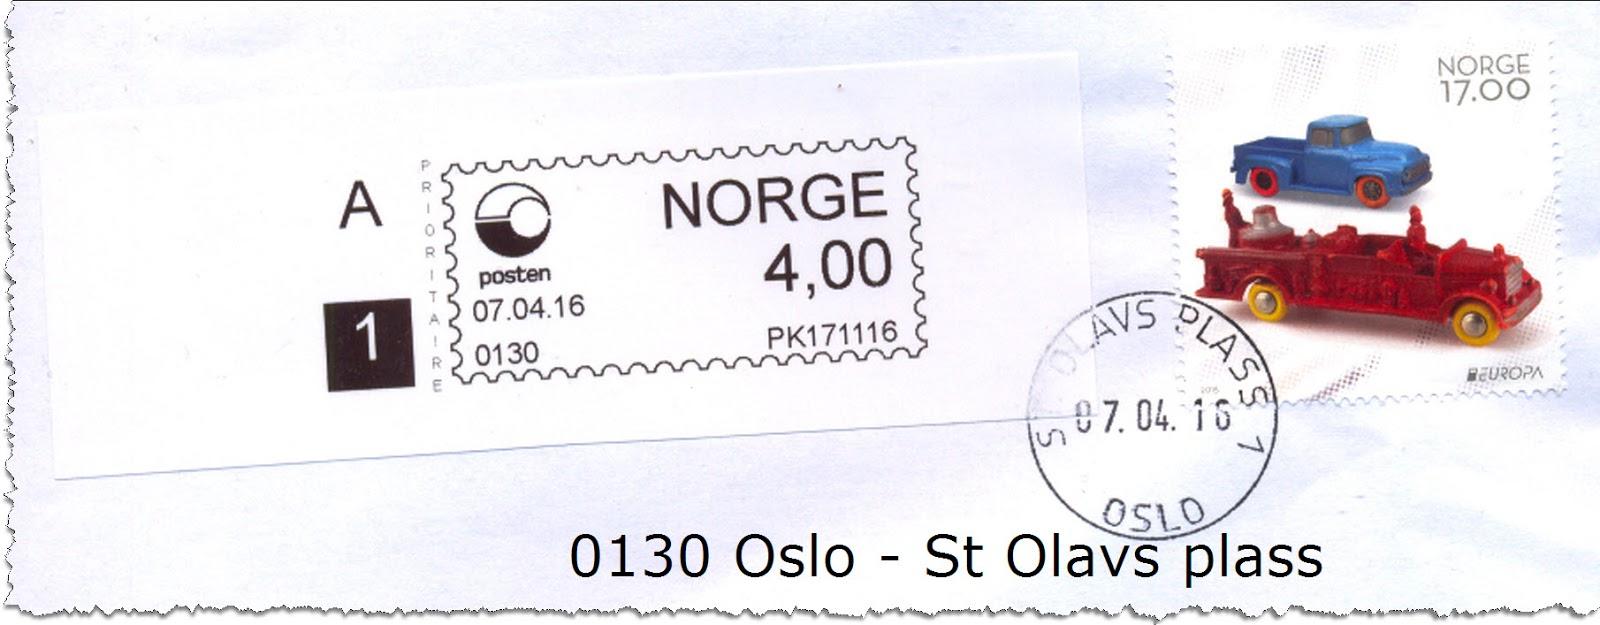 Frankering Norge